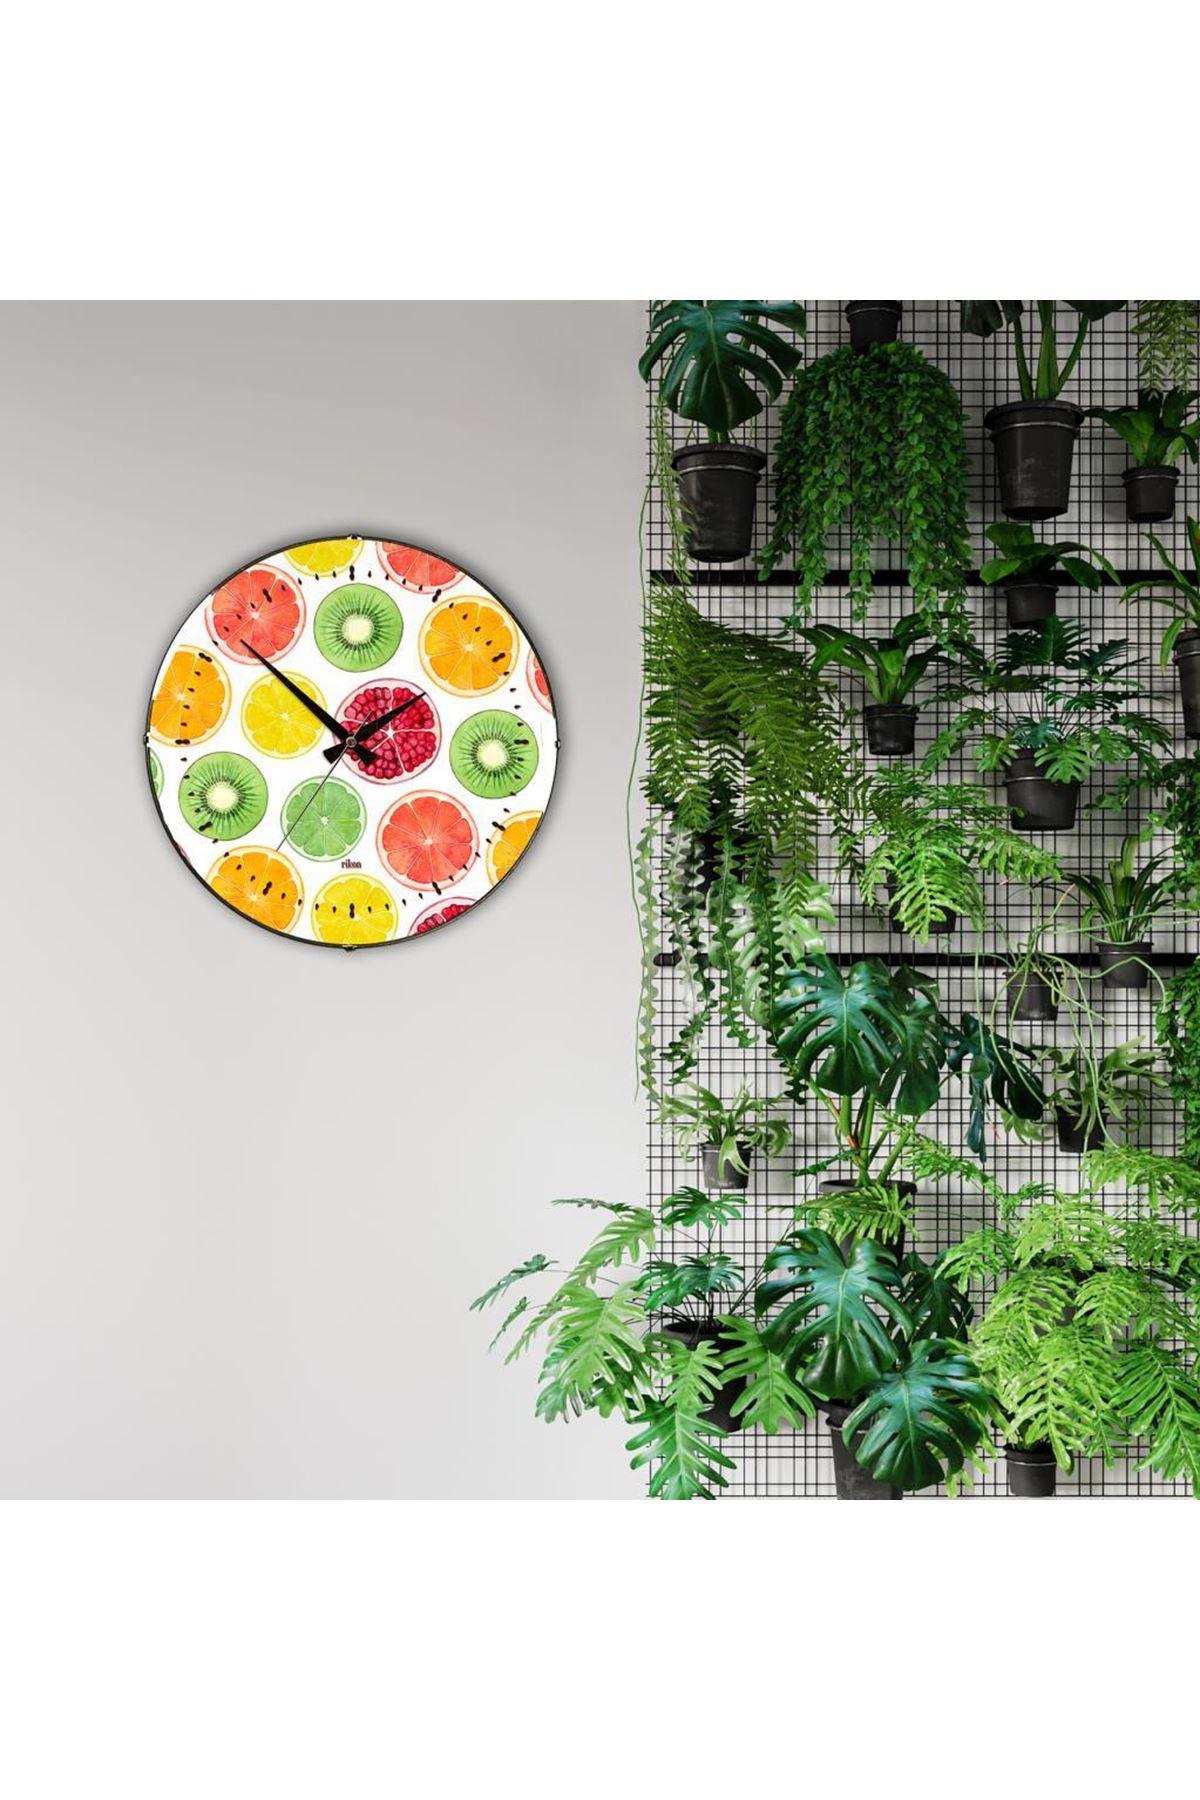 Rikon Renkli Meyveler Dekoratif Bombe Camlı Duvar Saati